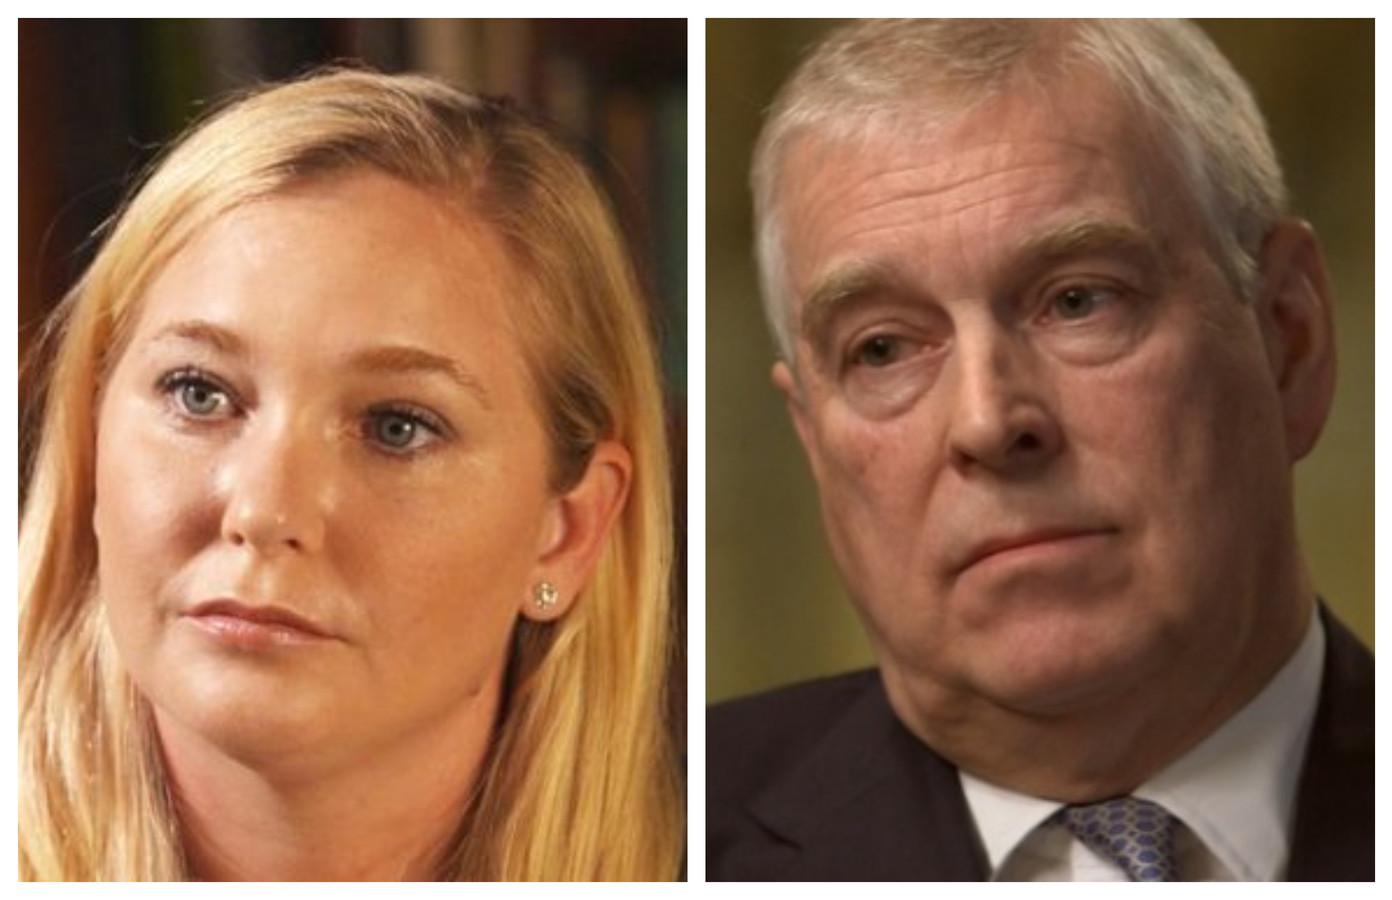 De Amerikaanse Virginia Roberts Giuffre in het vraaggesprek. Foto rechts: prins Andrew in zijn berucht BBC-interview van enkele weken geleden.